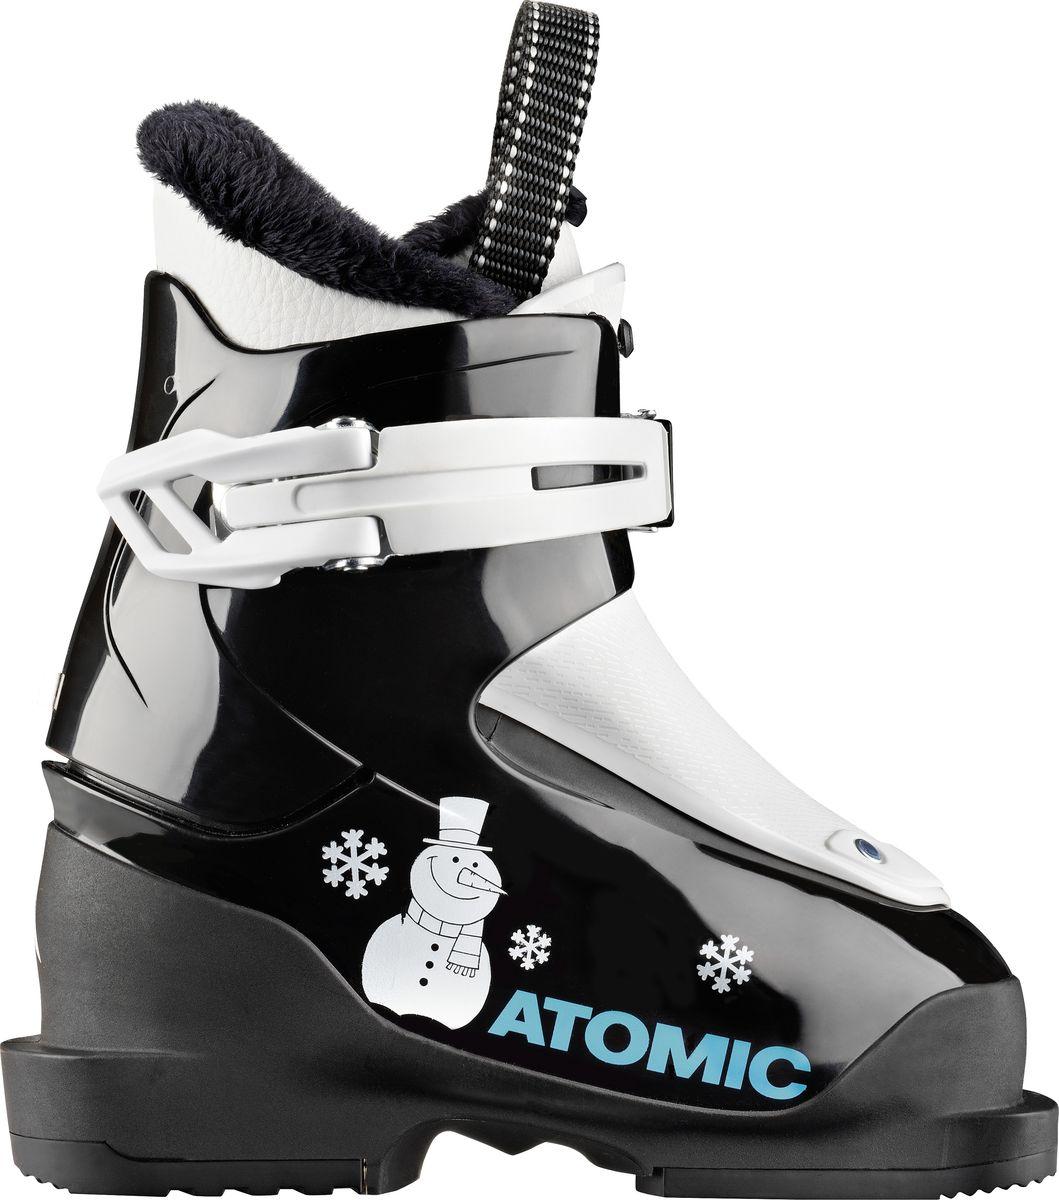 Atomic Hawx Jr 1 — идеальные ботинки начального уровня для самых юных горнолыжников. Это исключительно легкие и очень мягкие ботинки, они отлично подойдут для первого знакомства с горнолыжными трассами. Широкие пряжки с трещотками позволяют очень удобно надевать и снимать ботинки. Если ваши дети начинают кататься с самого раннего возраста, то эти ботинки вам подойдут.Внутренний ботинок BronzeКлипса из поликарбоната + макрорегулировкаМодель для детей и подростковВес 550 г. для размера 16